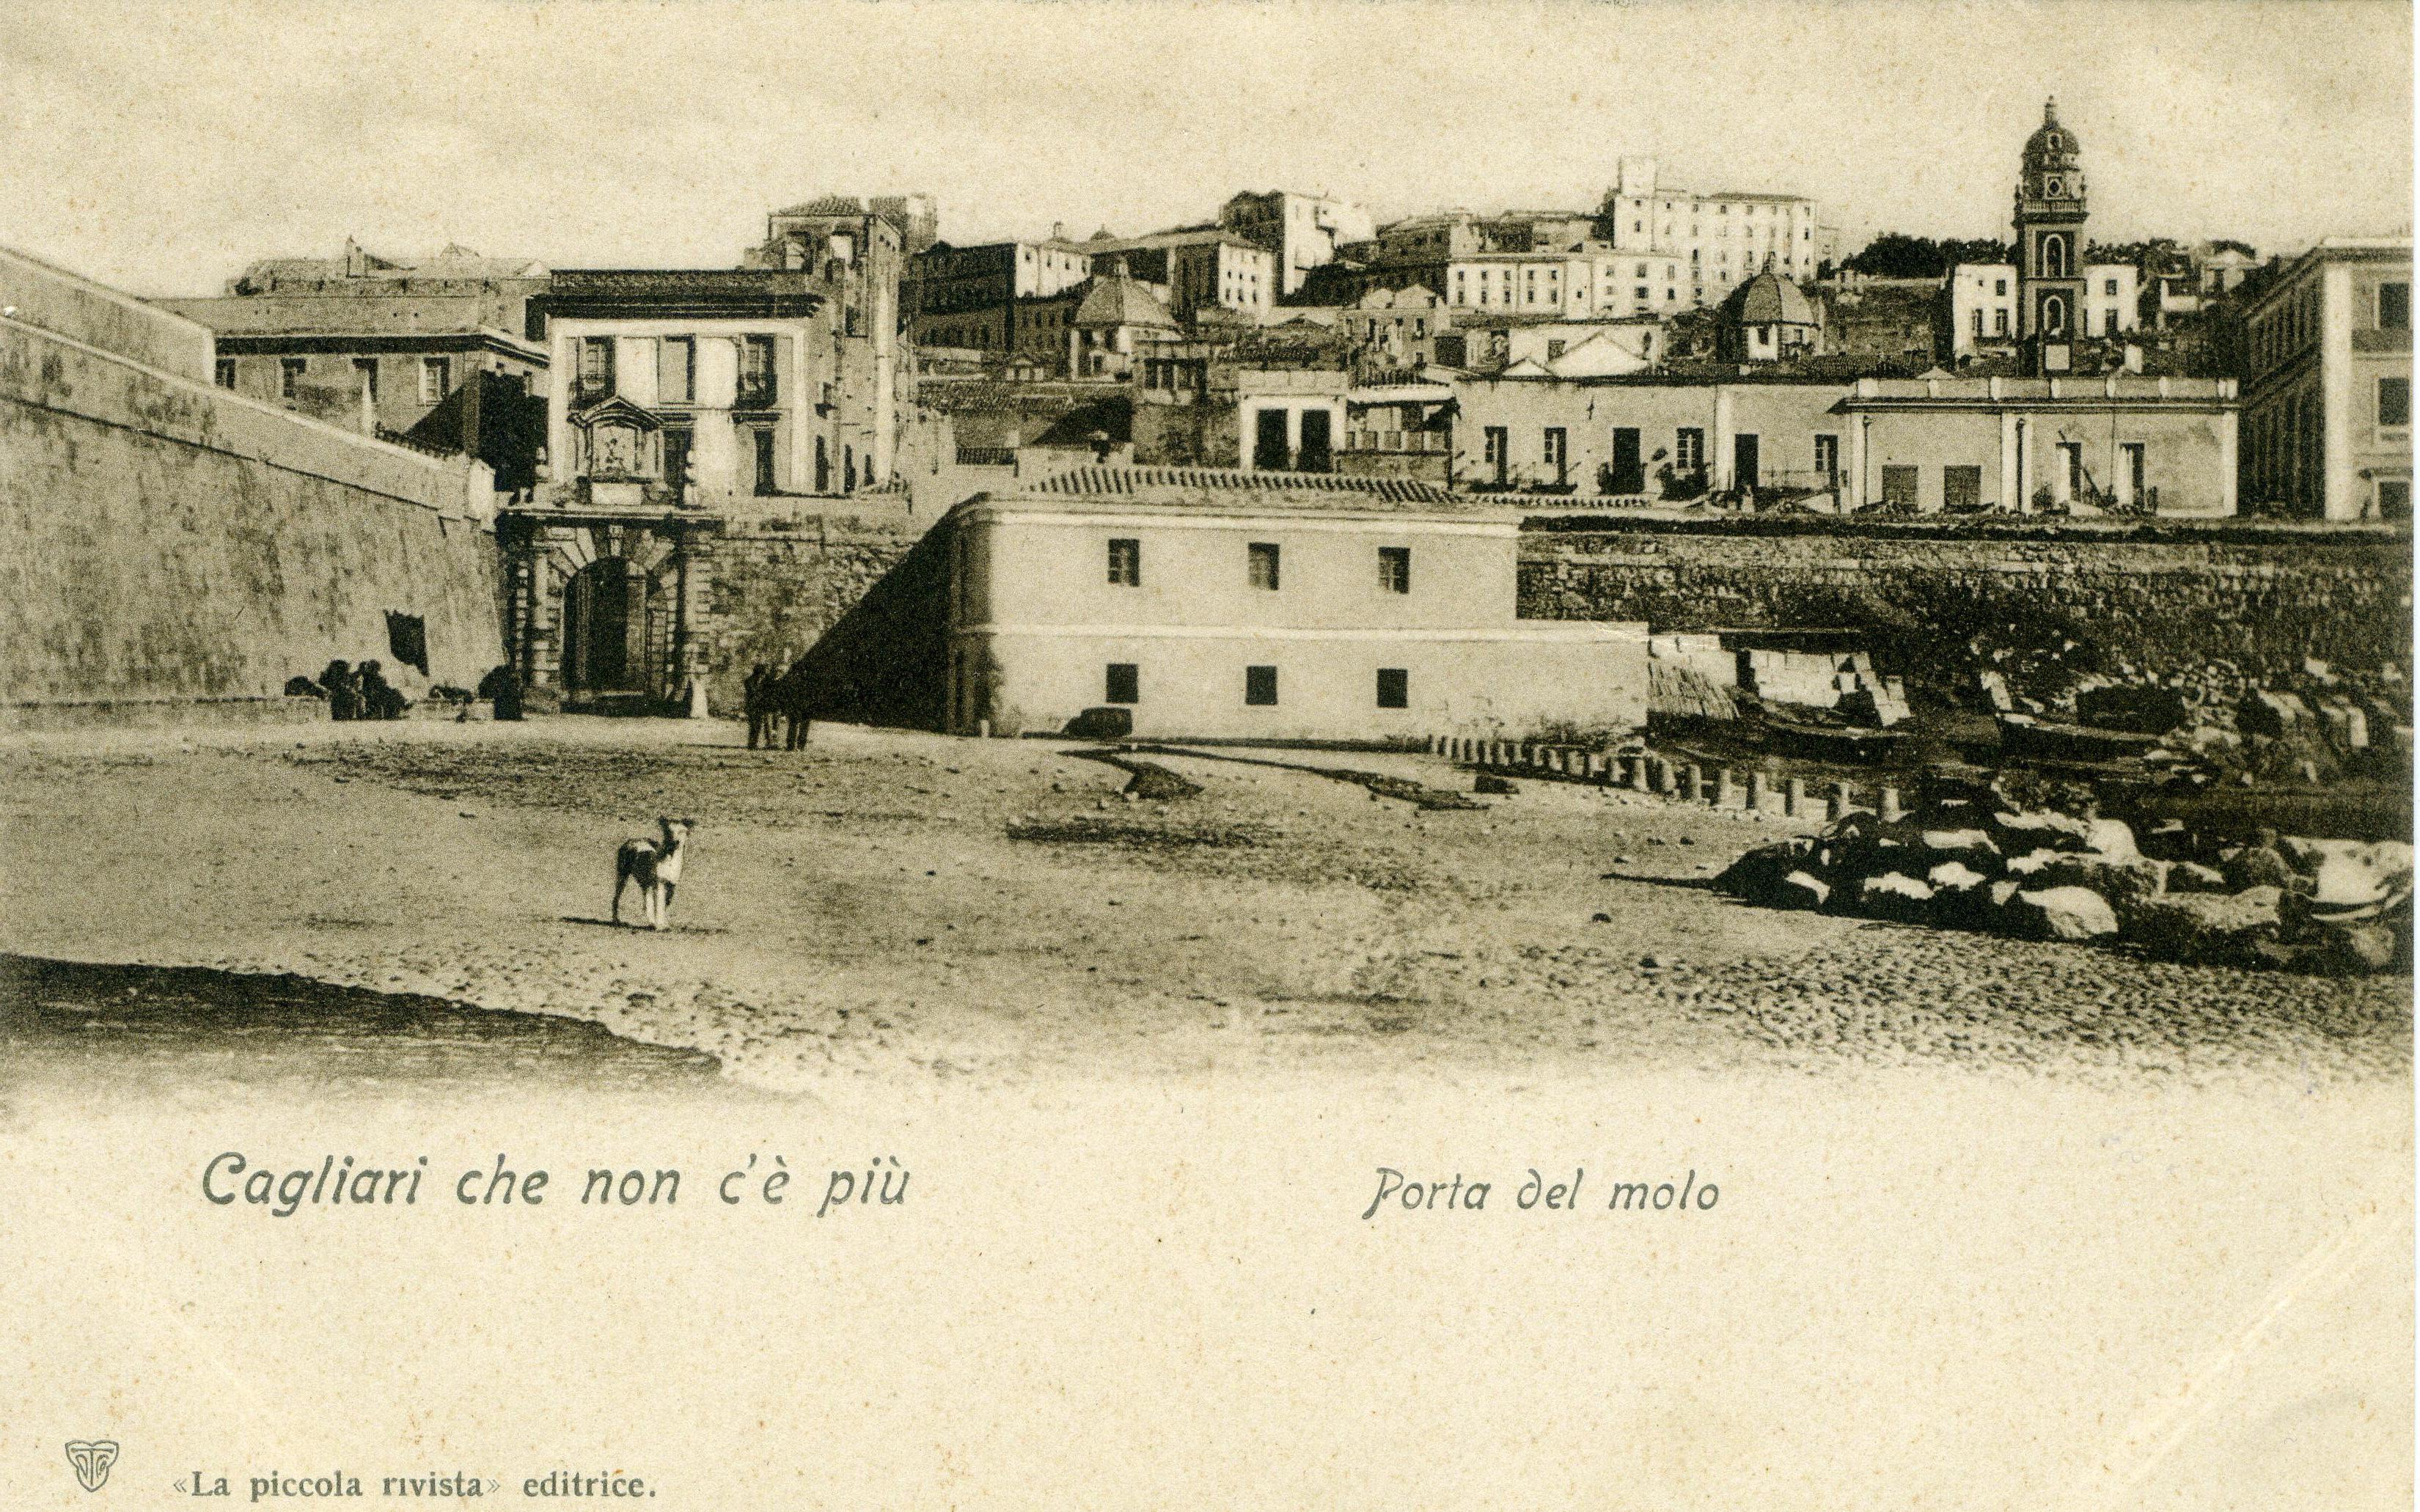 CAGLIARI - Porta del mare